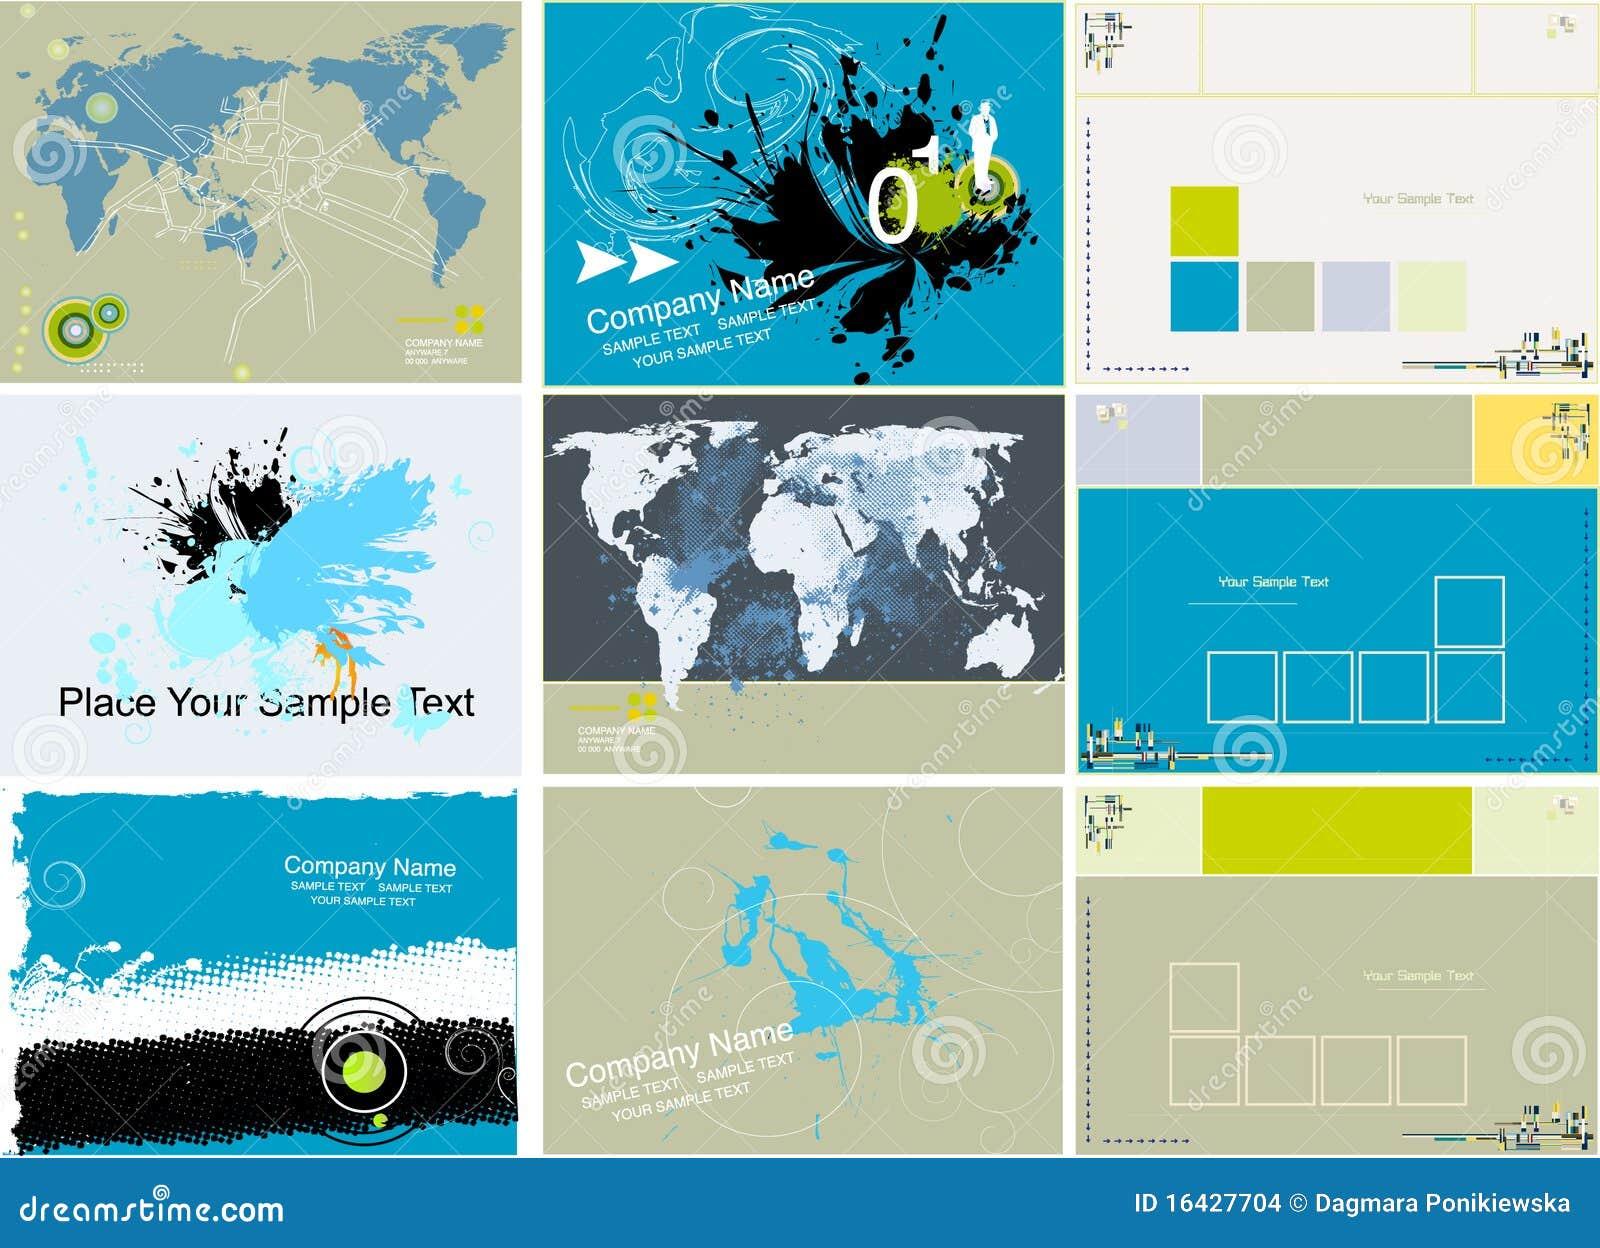 Inzameling van abstracte grungeachtergrond